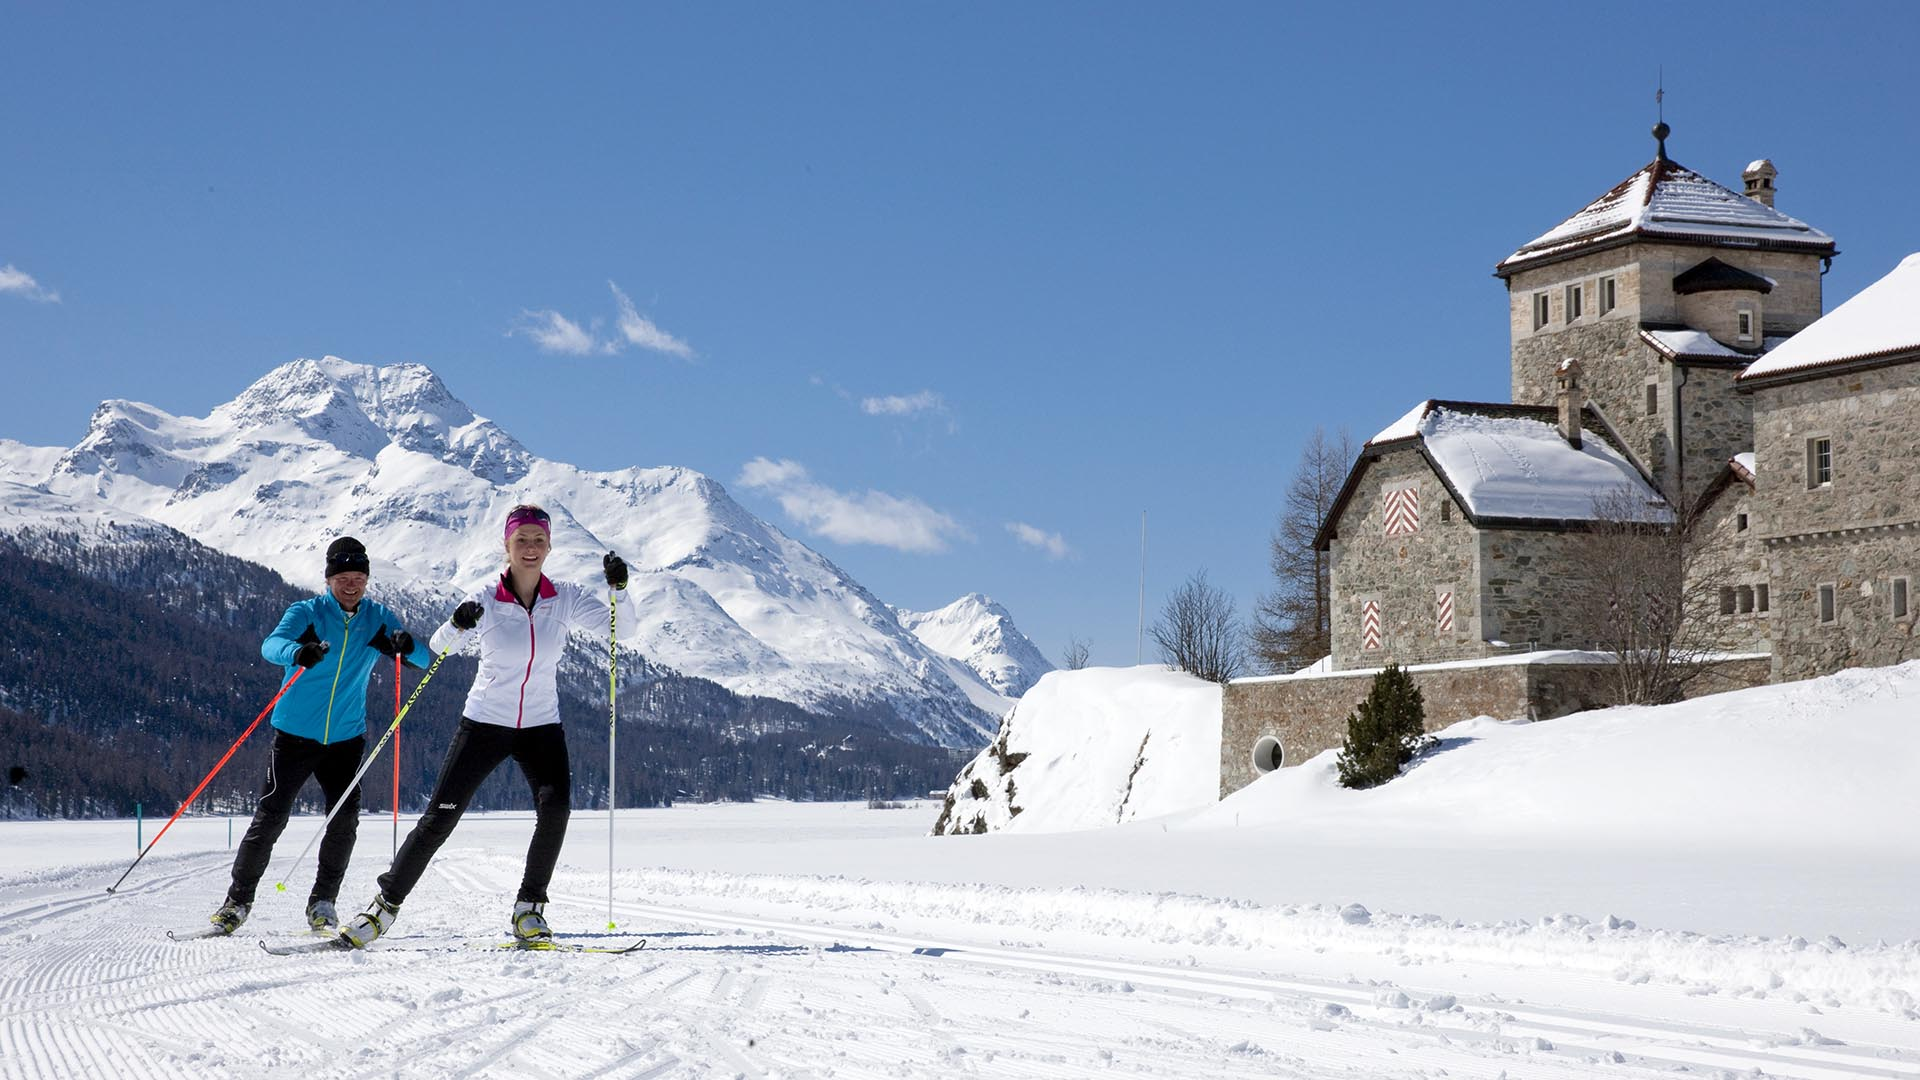 ENGADIN ST. MORITZ - Langlaeufer beim Skaten auf der Marathonloipe beim Schloss in Silvaplana. Im Hintergrund der Piz la Margna (3159m).